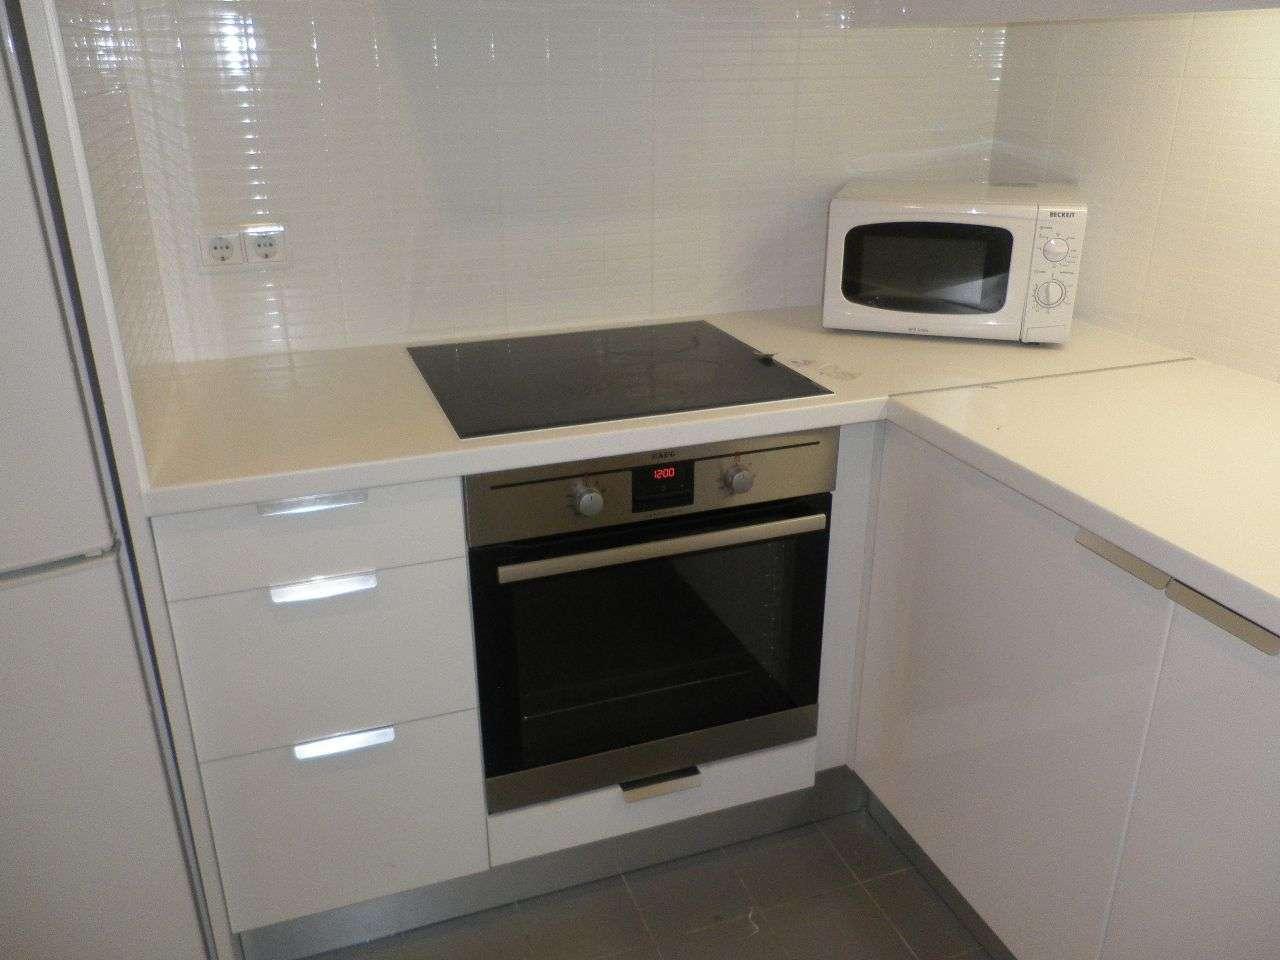 Apartamento para arrendar, Cedofeita, Santo Ildefonso, Sé, Miragaia, São Nicolau e Vitória, Porto - Foto 1